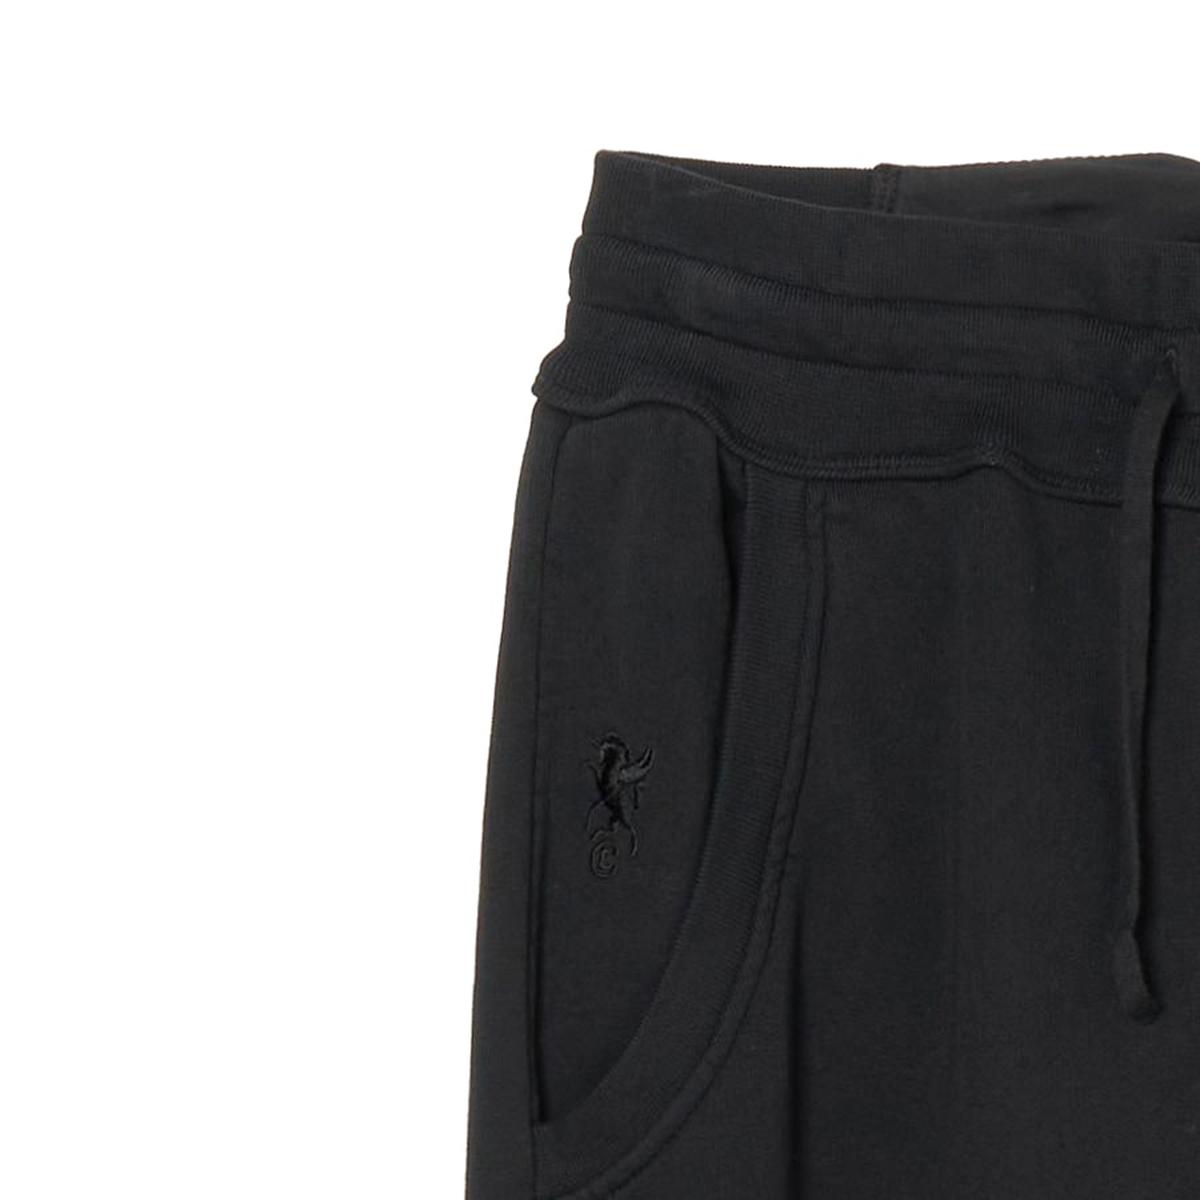 [2021秋冬]  EUROPEAN CULTURE[ヨーロピアンカルチャー]  06QU 1045-1600 パンツ ブラック